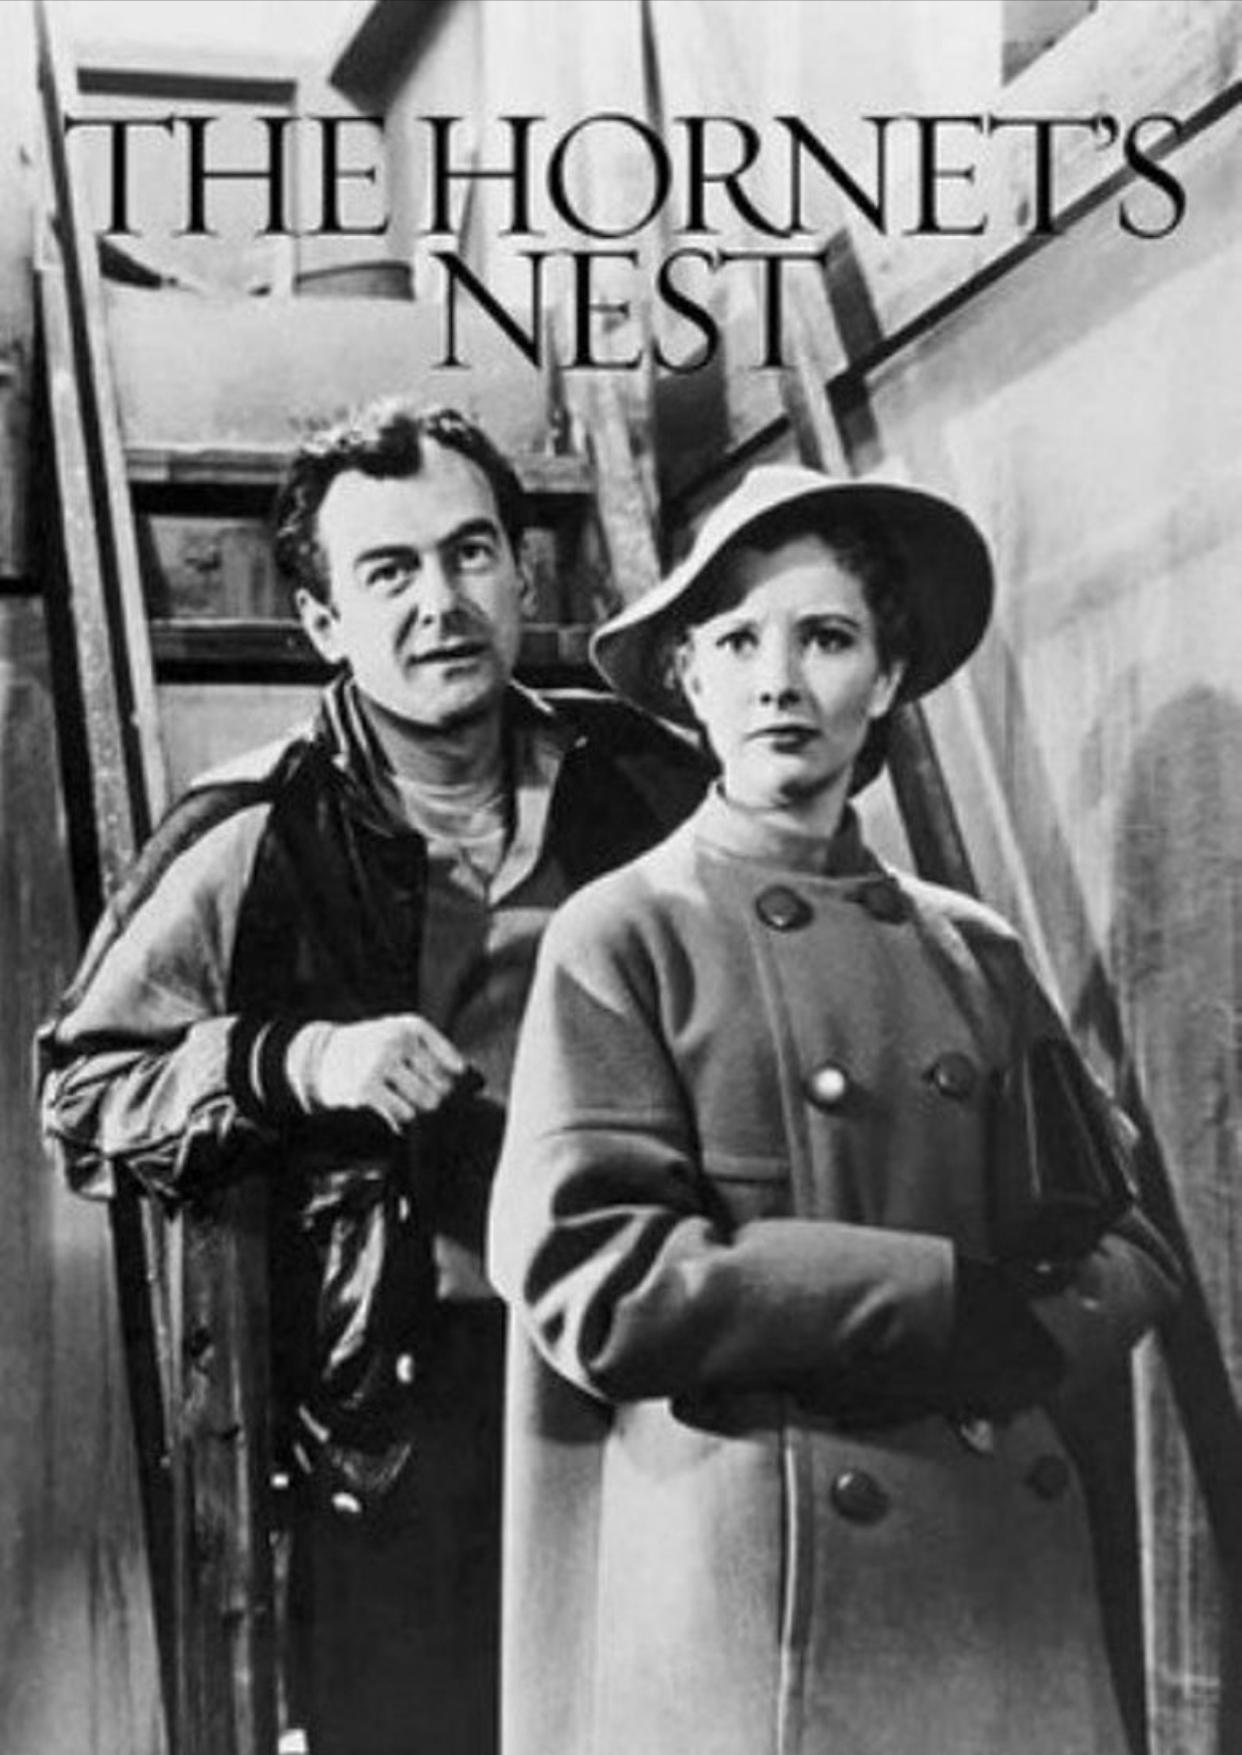 The Hornet's Nest (1955)